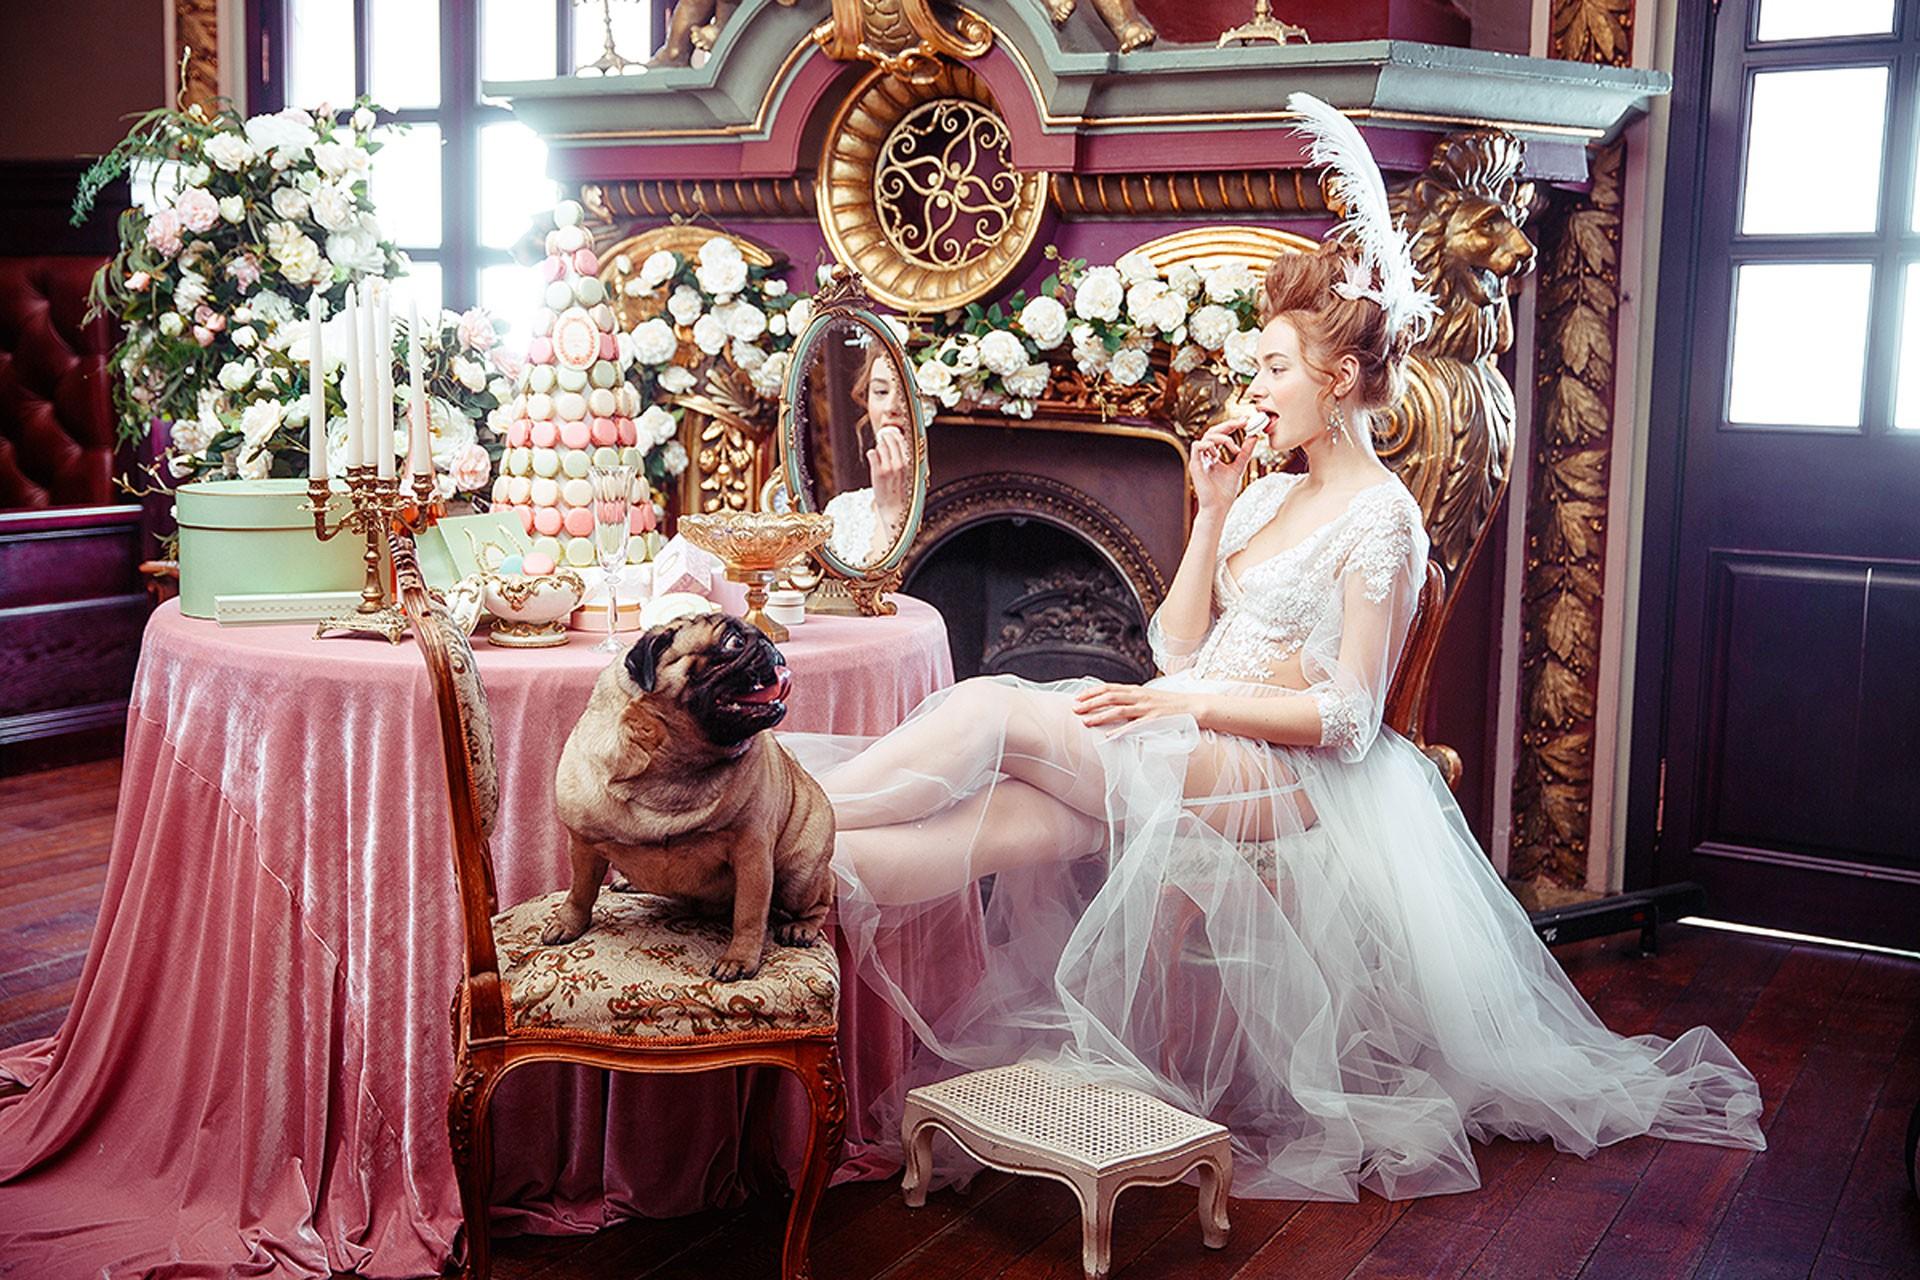 Мария-Антуанетта образ невесты фото 1